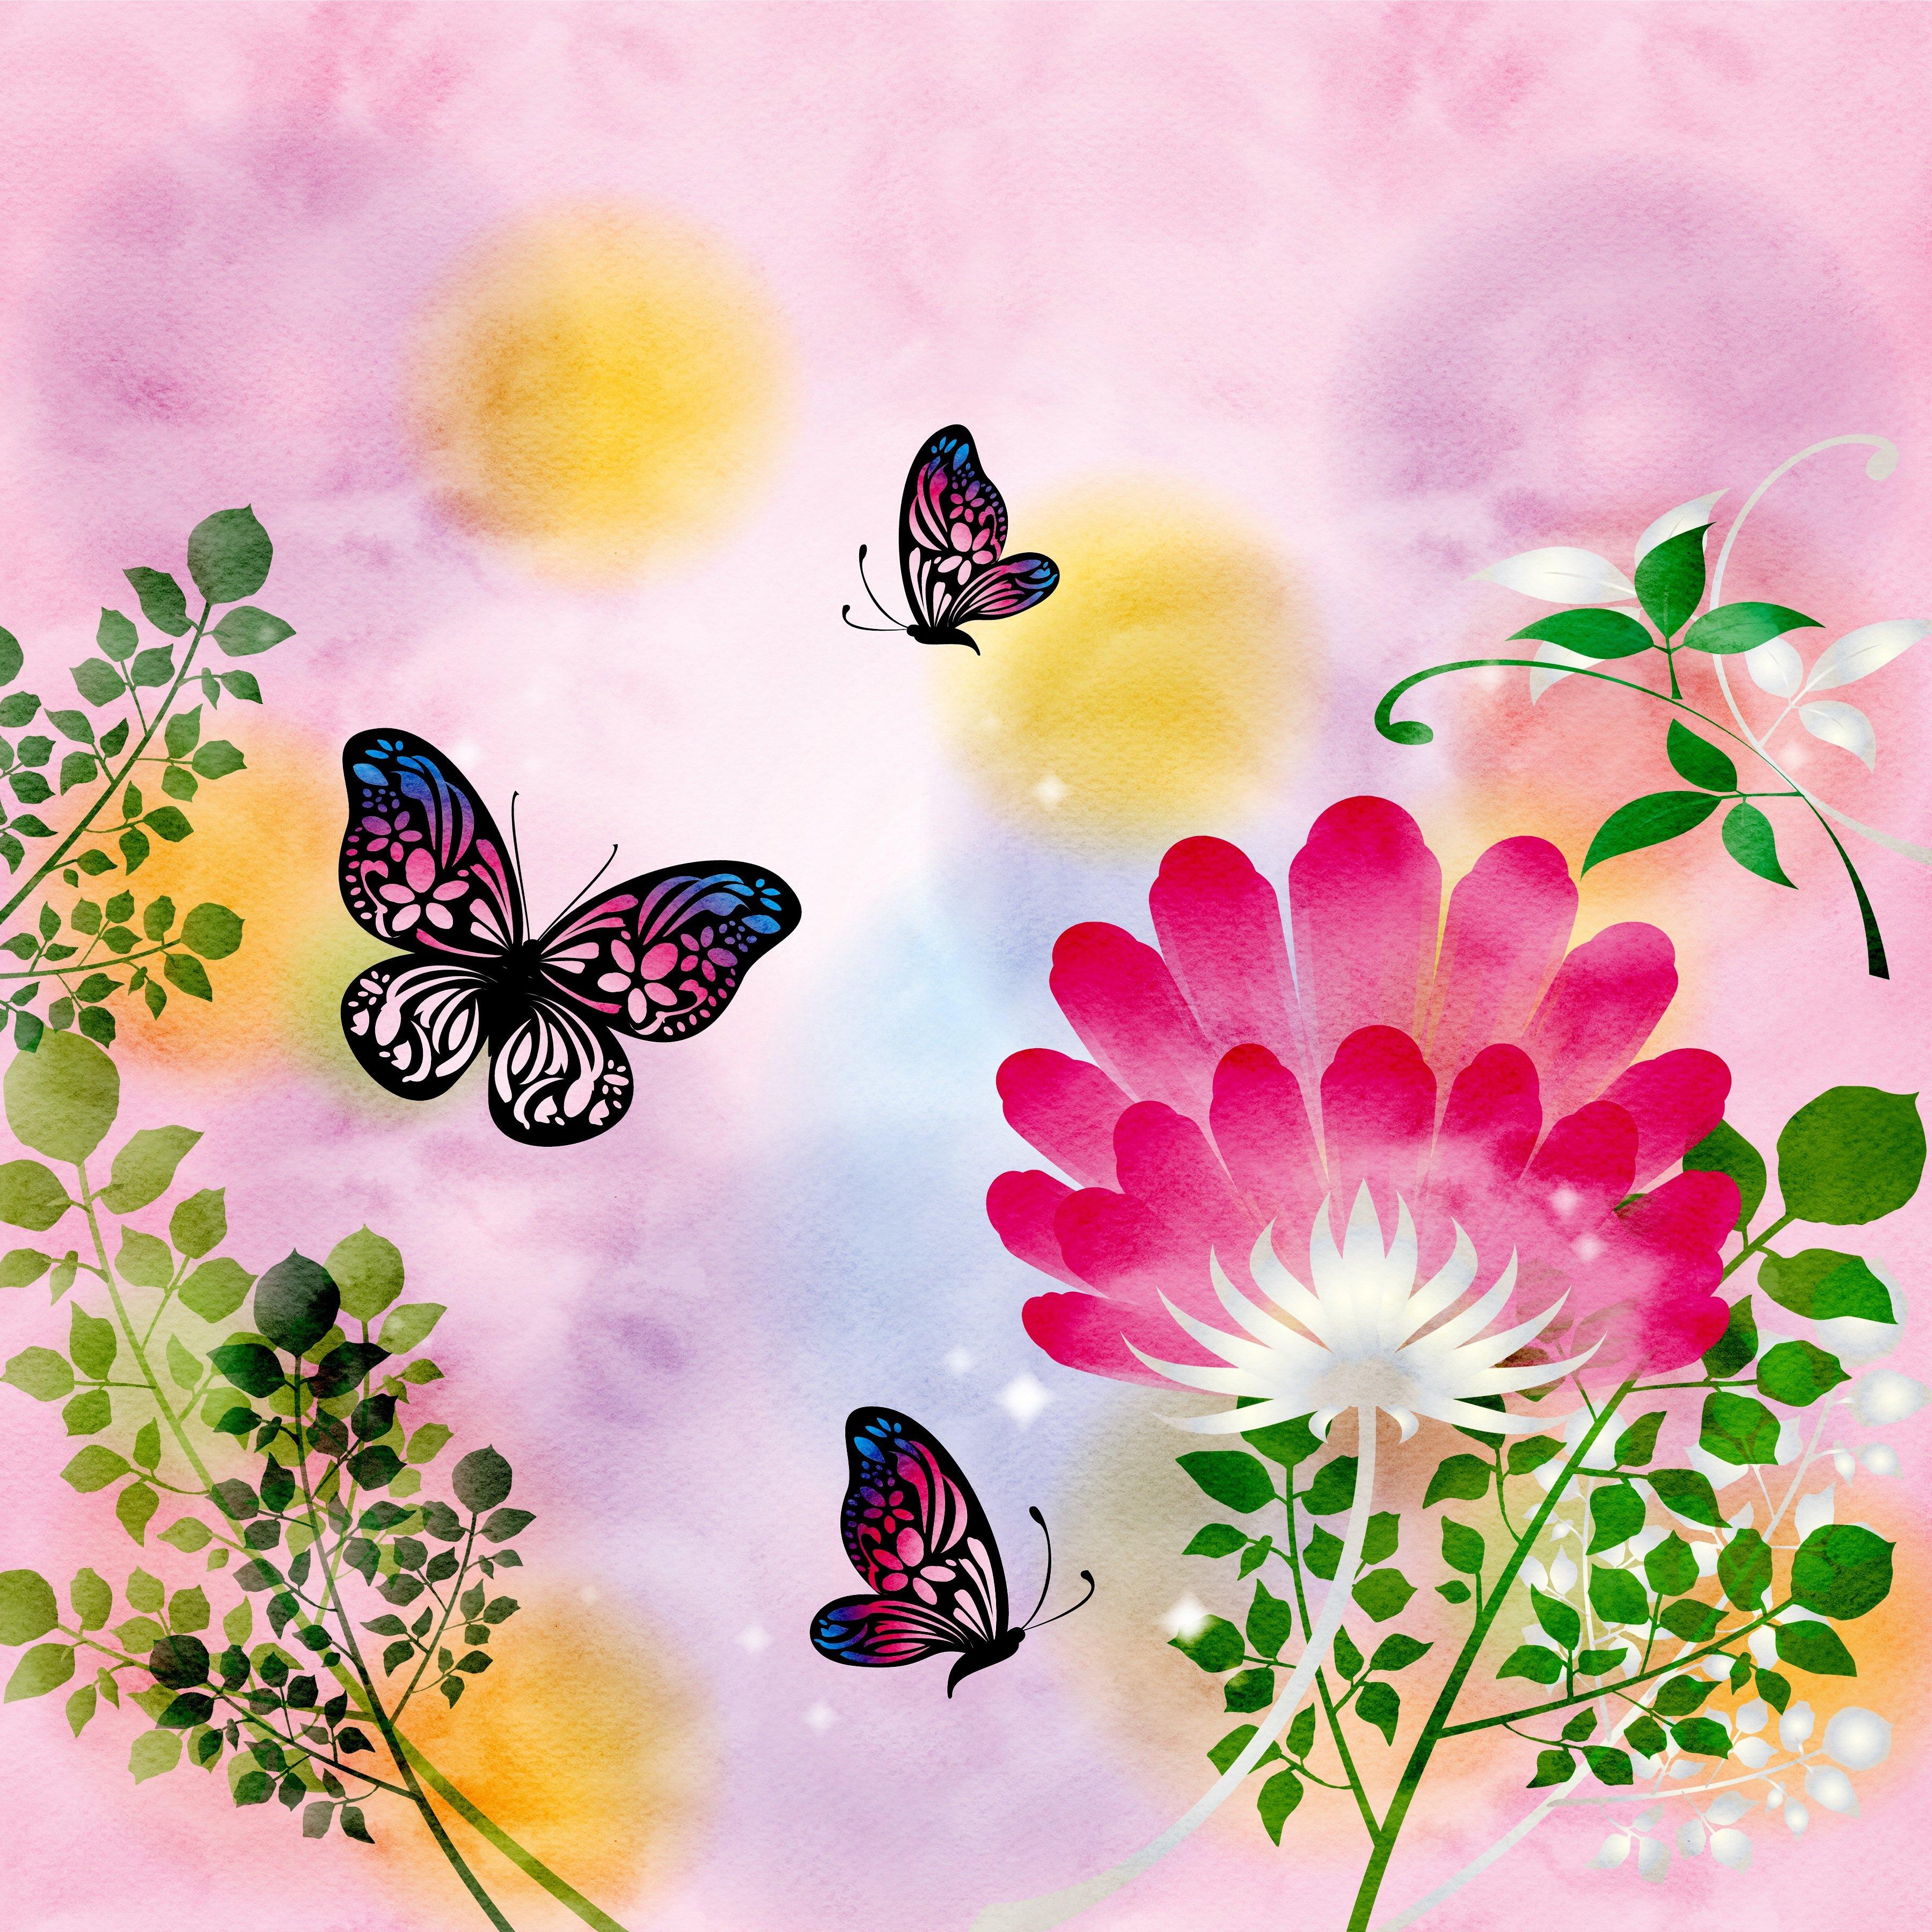 Обои для рабочего стола Бабочки бумаге ветвь Рисованные 3600x3600 бабочка Бумага бумаги Ветки ветка на ветке